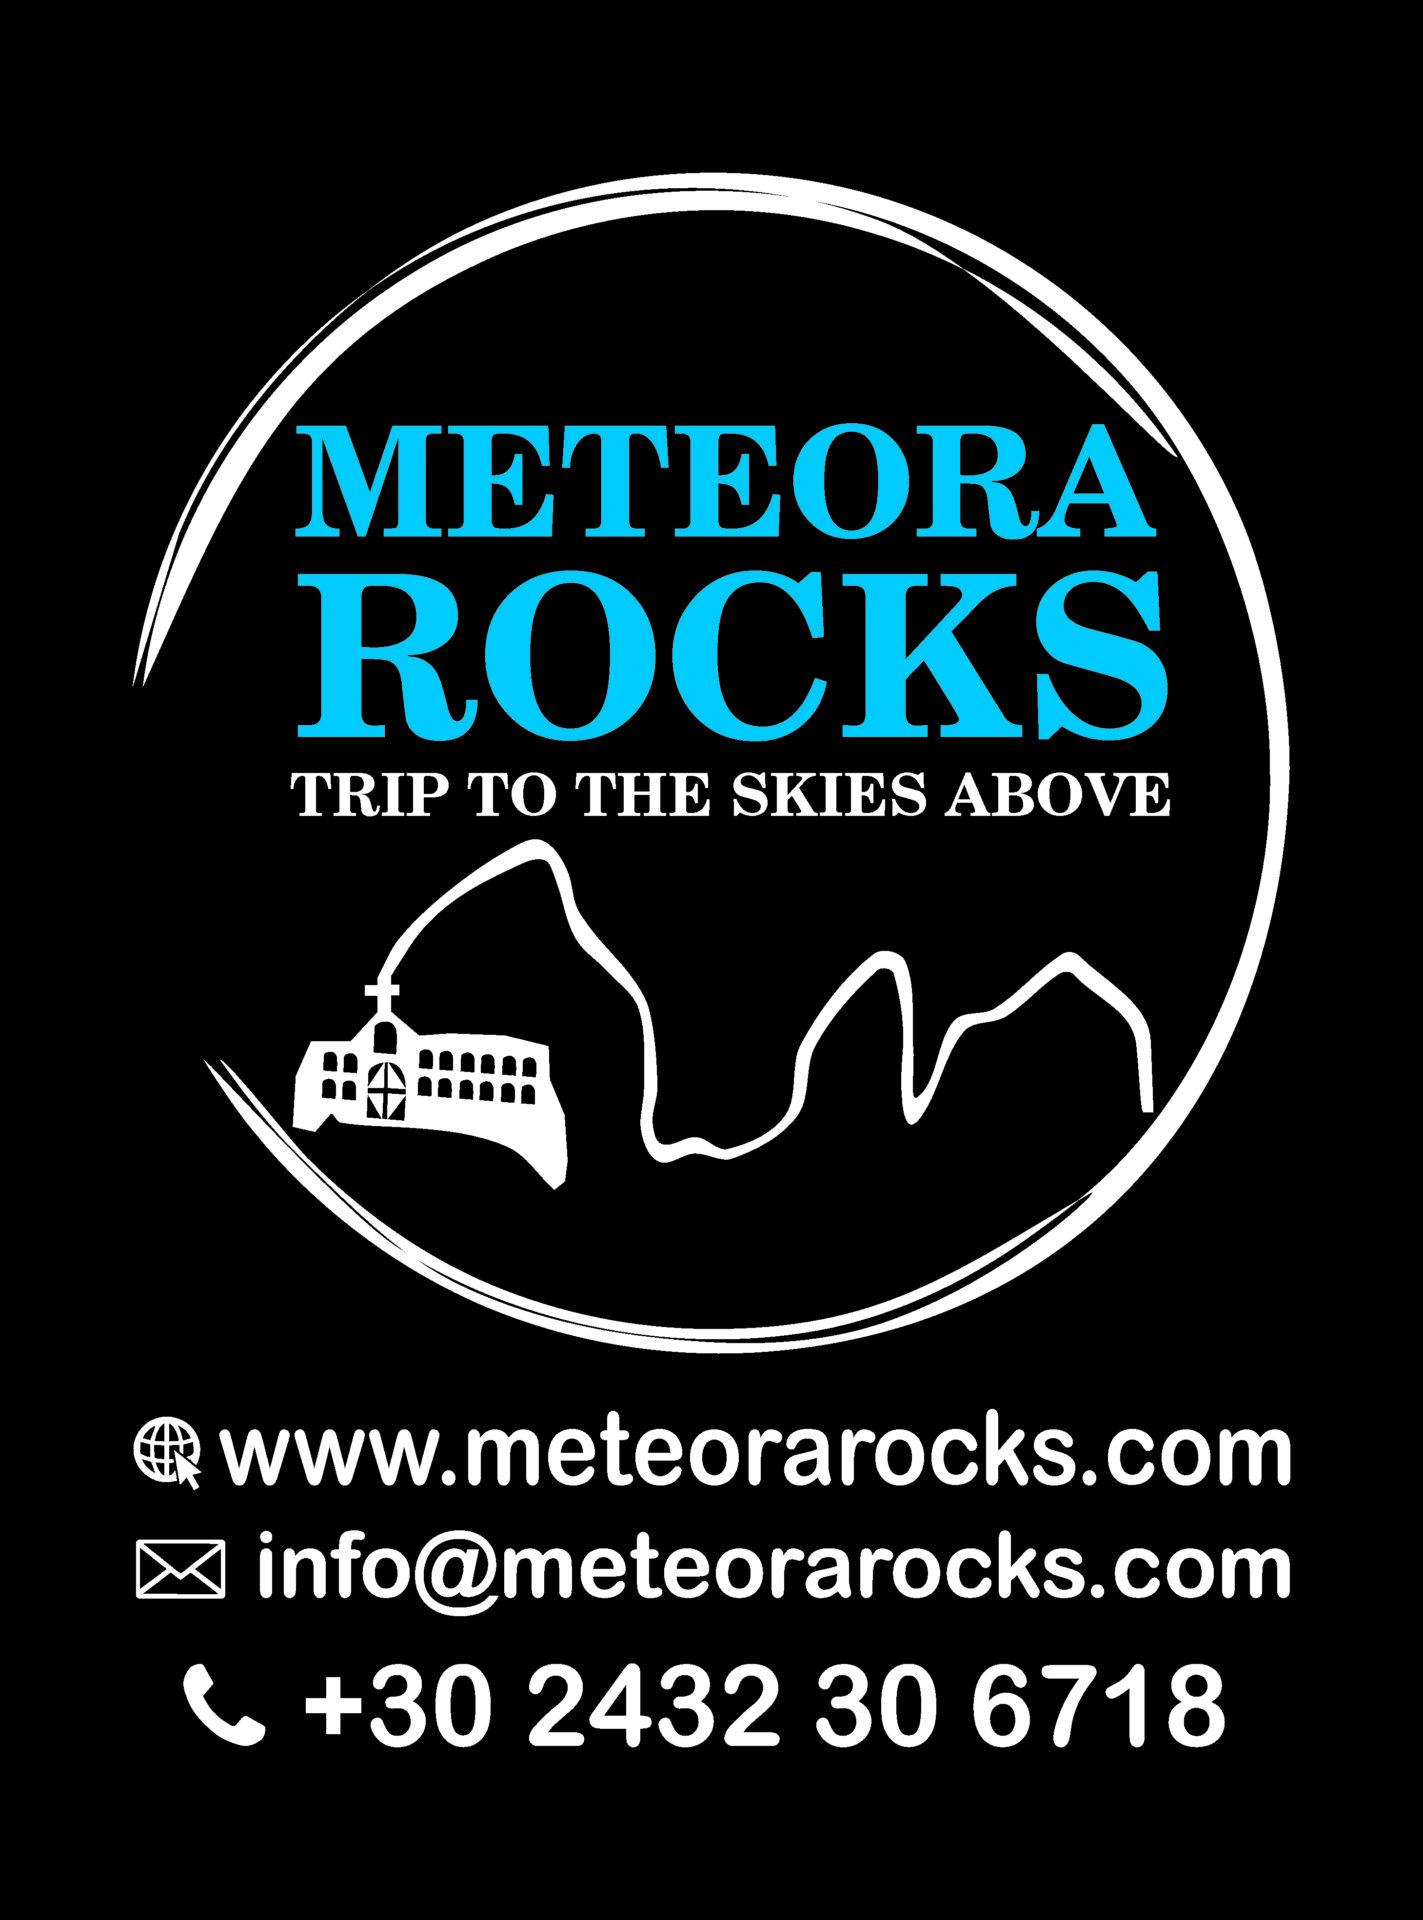 meteorarocks_logo